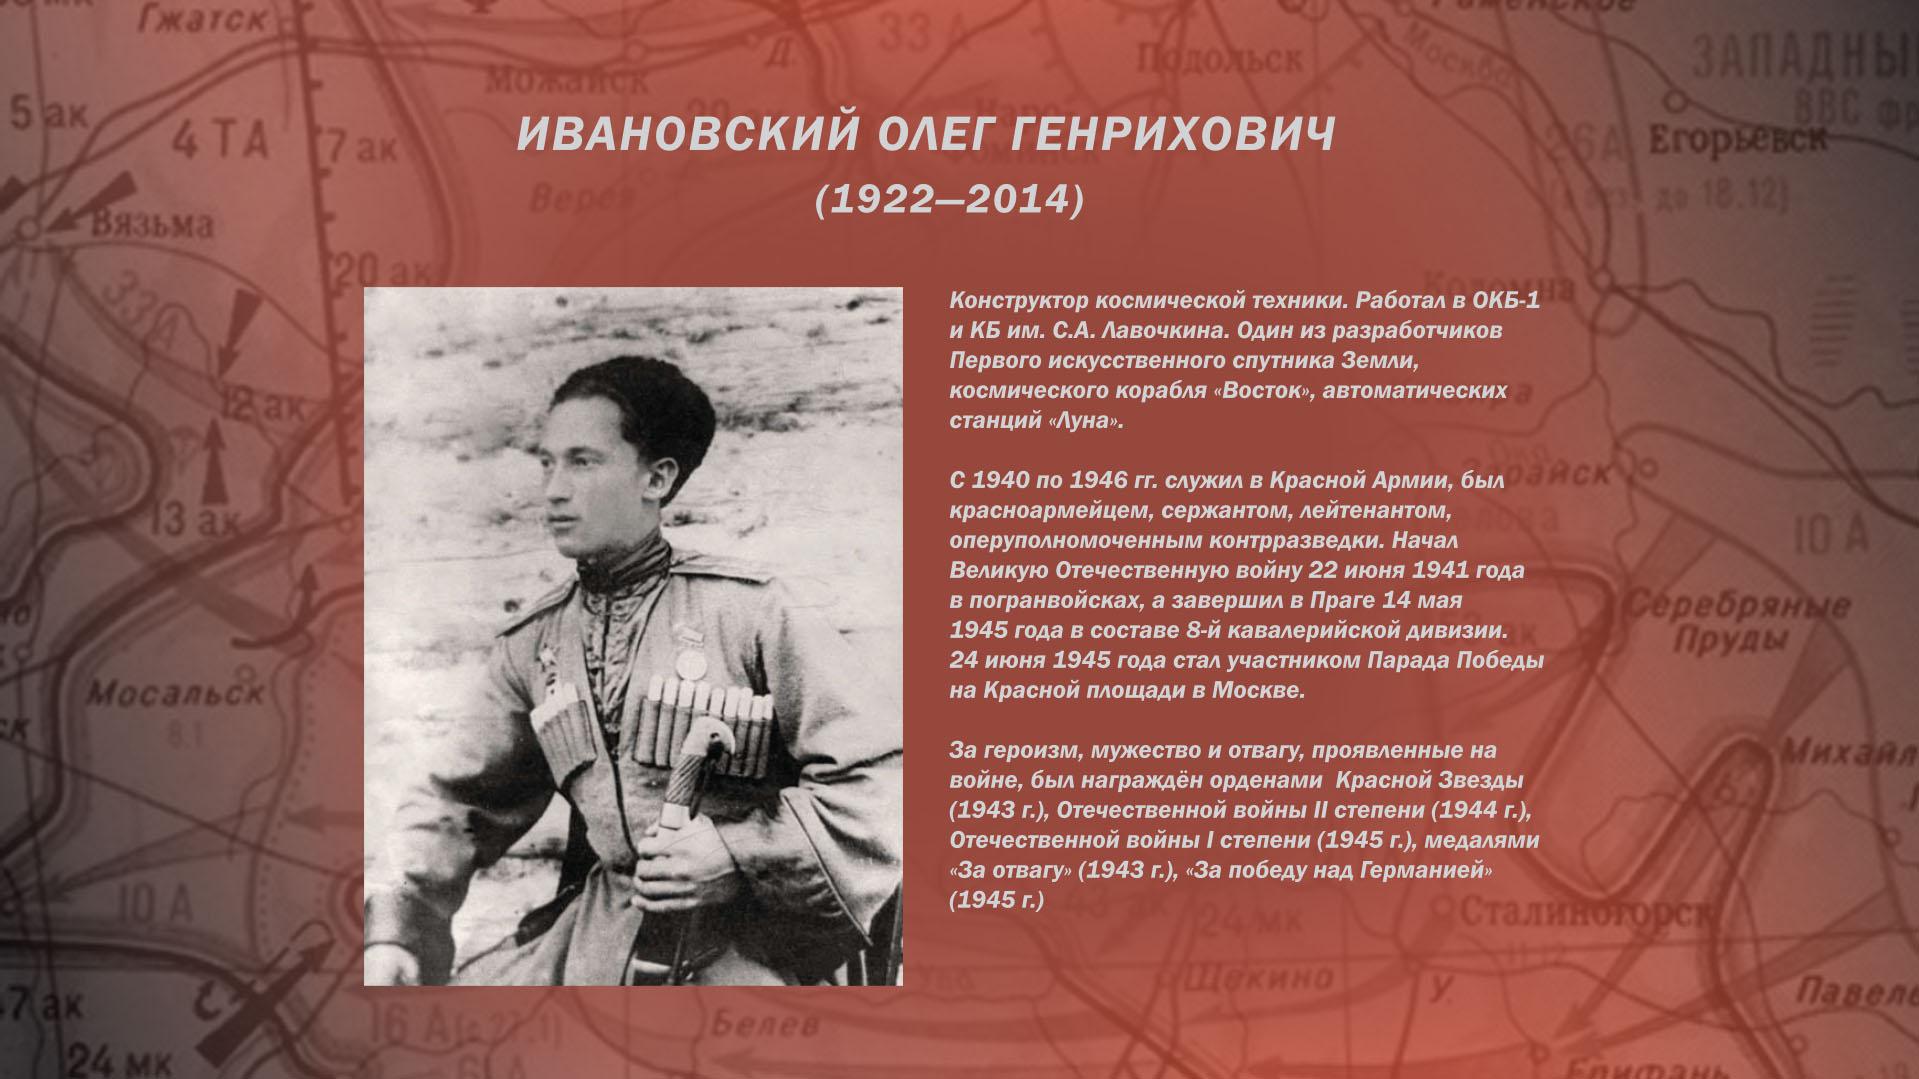 Ивановский Олег Генрихович